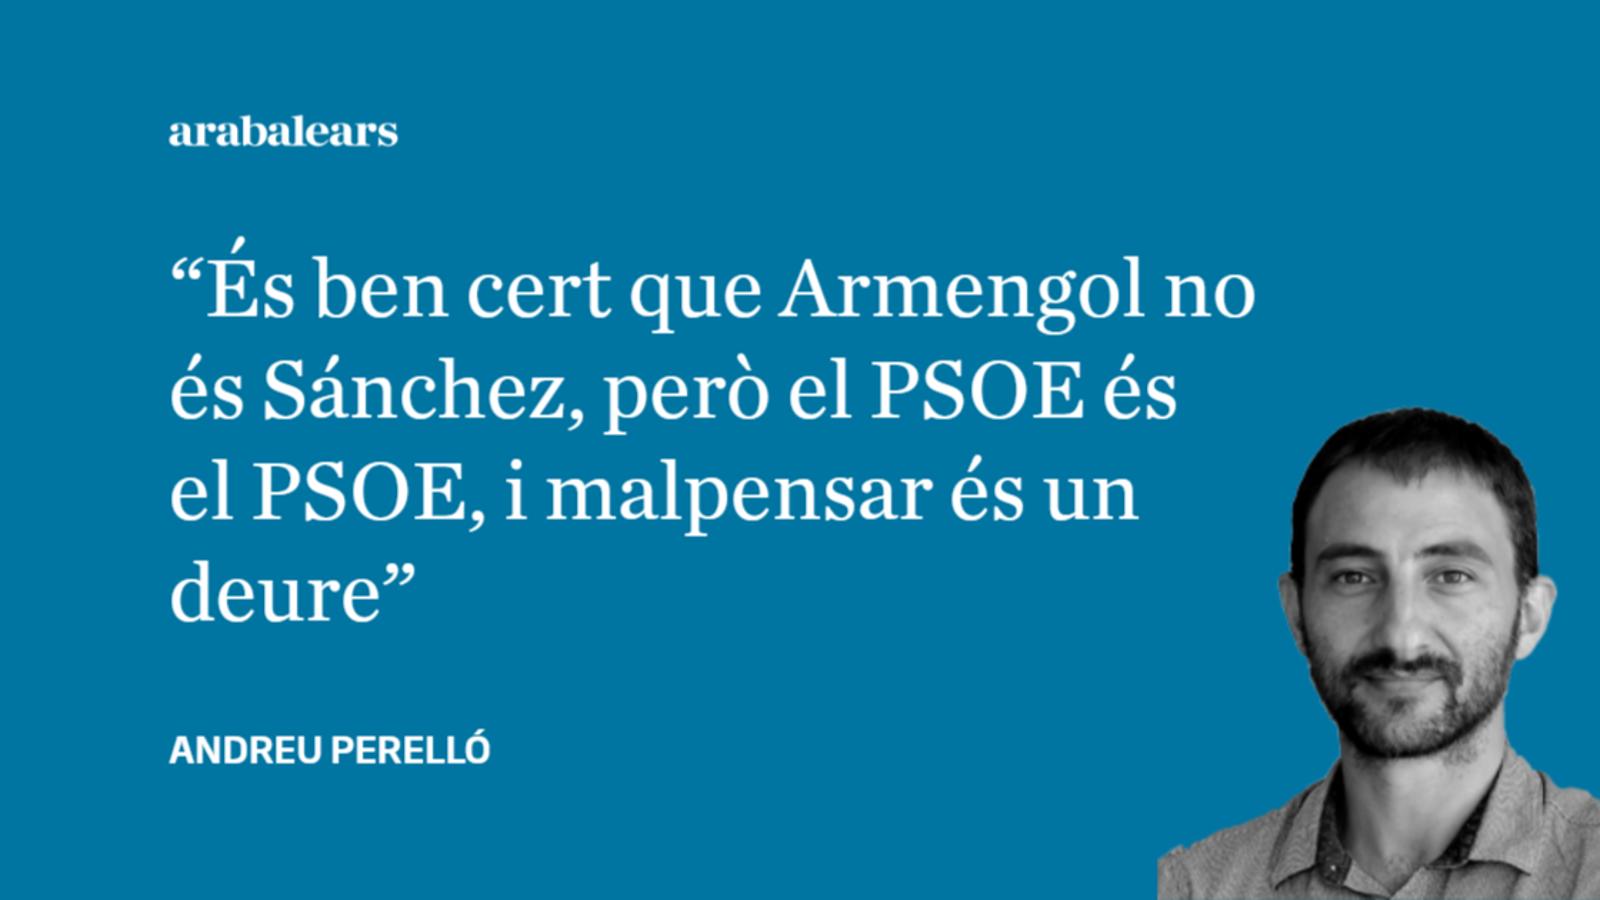 Armengol no és Sánchez